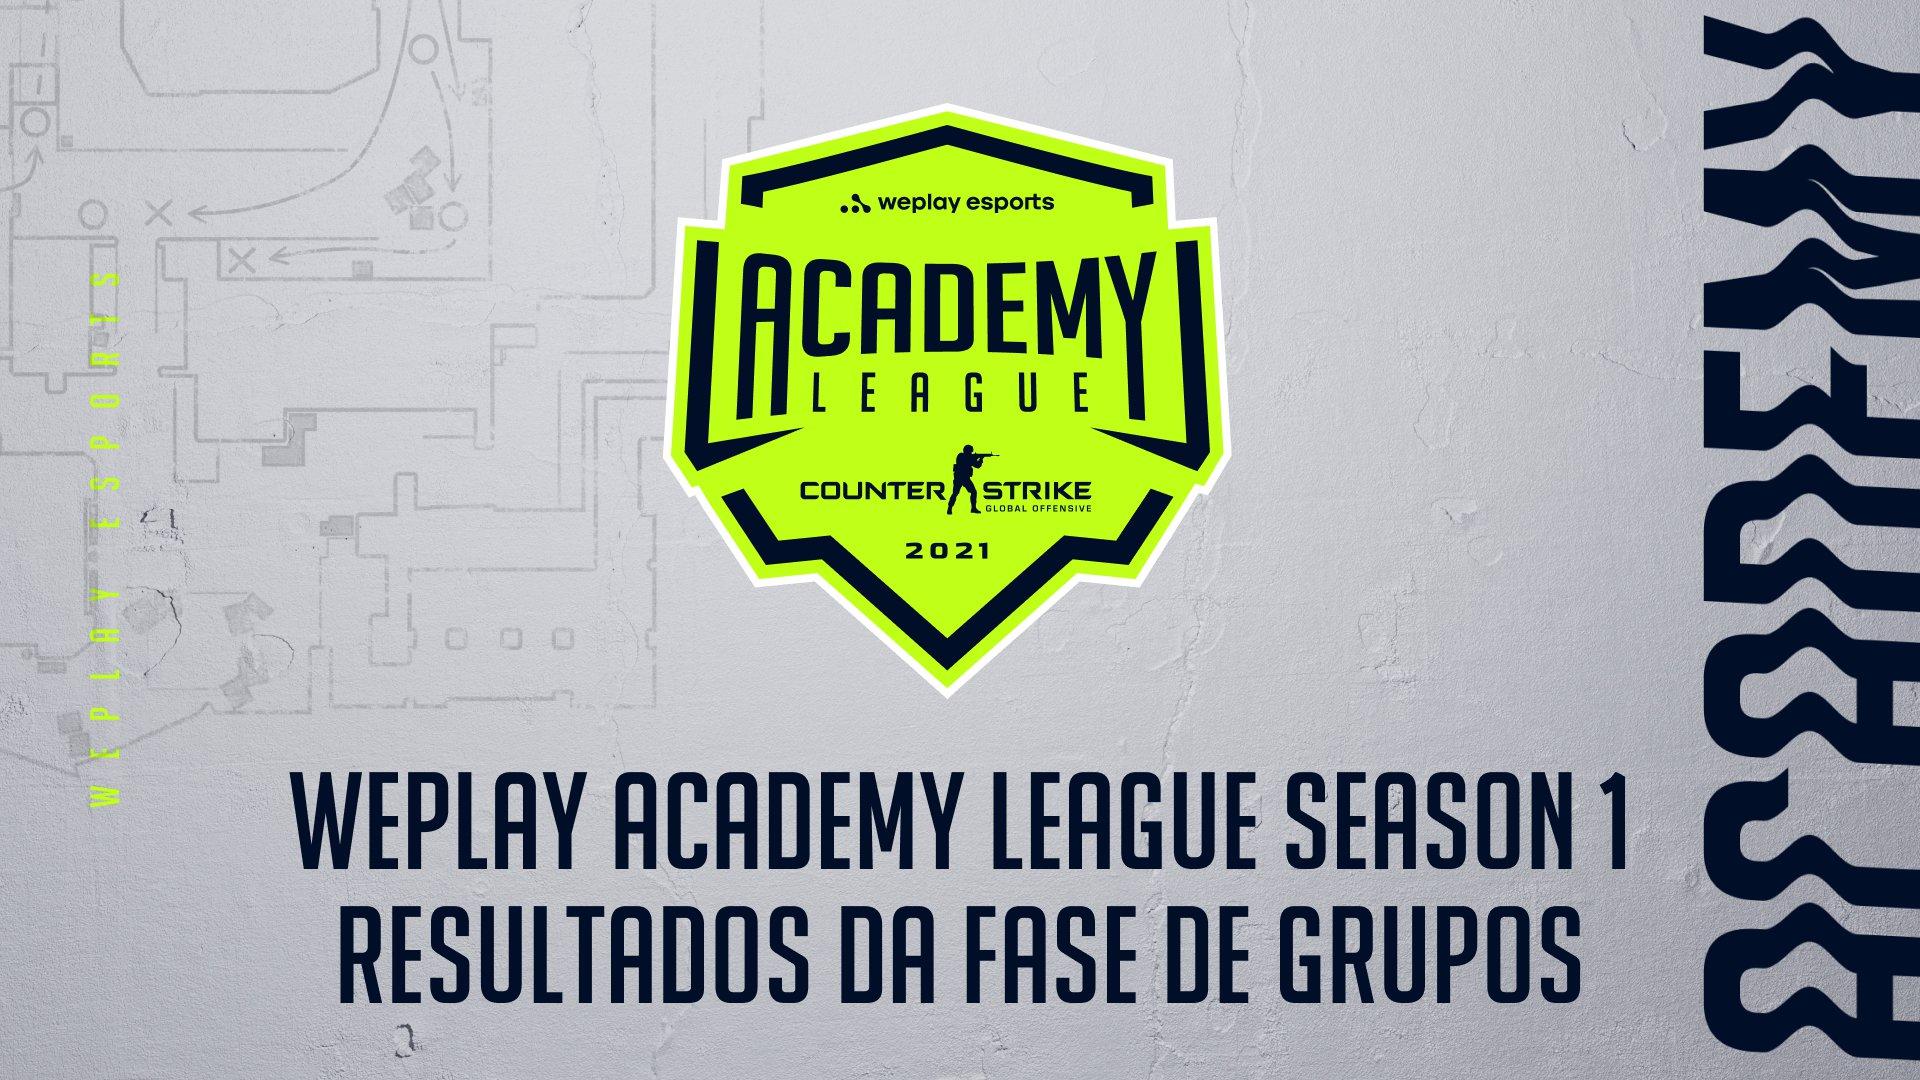 Resultados da fase de grupos da WePlay Academy League Season 1. Imagem: WePlay Holding